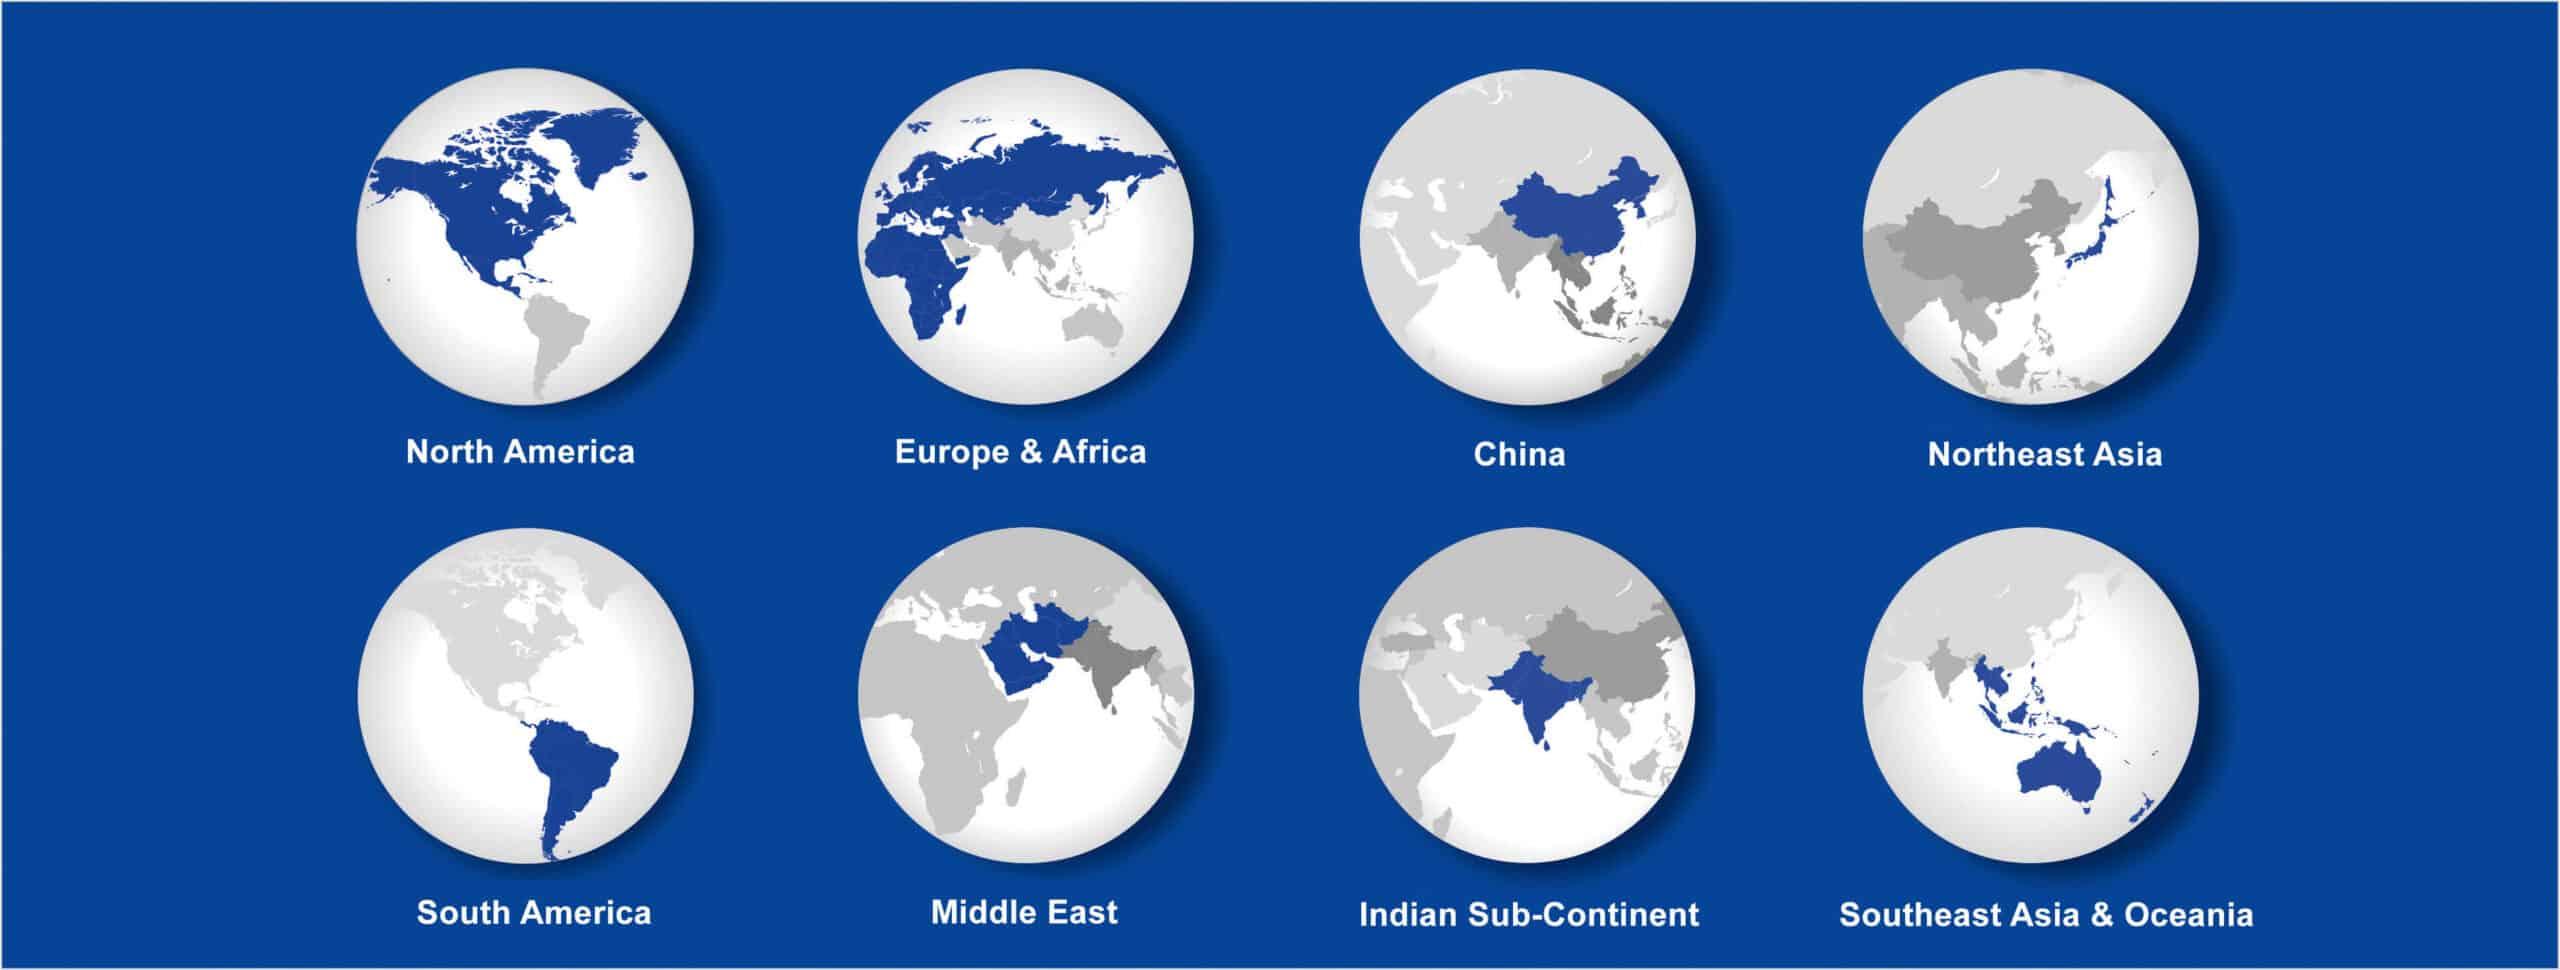 worldwide-network-banner